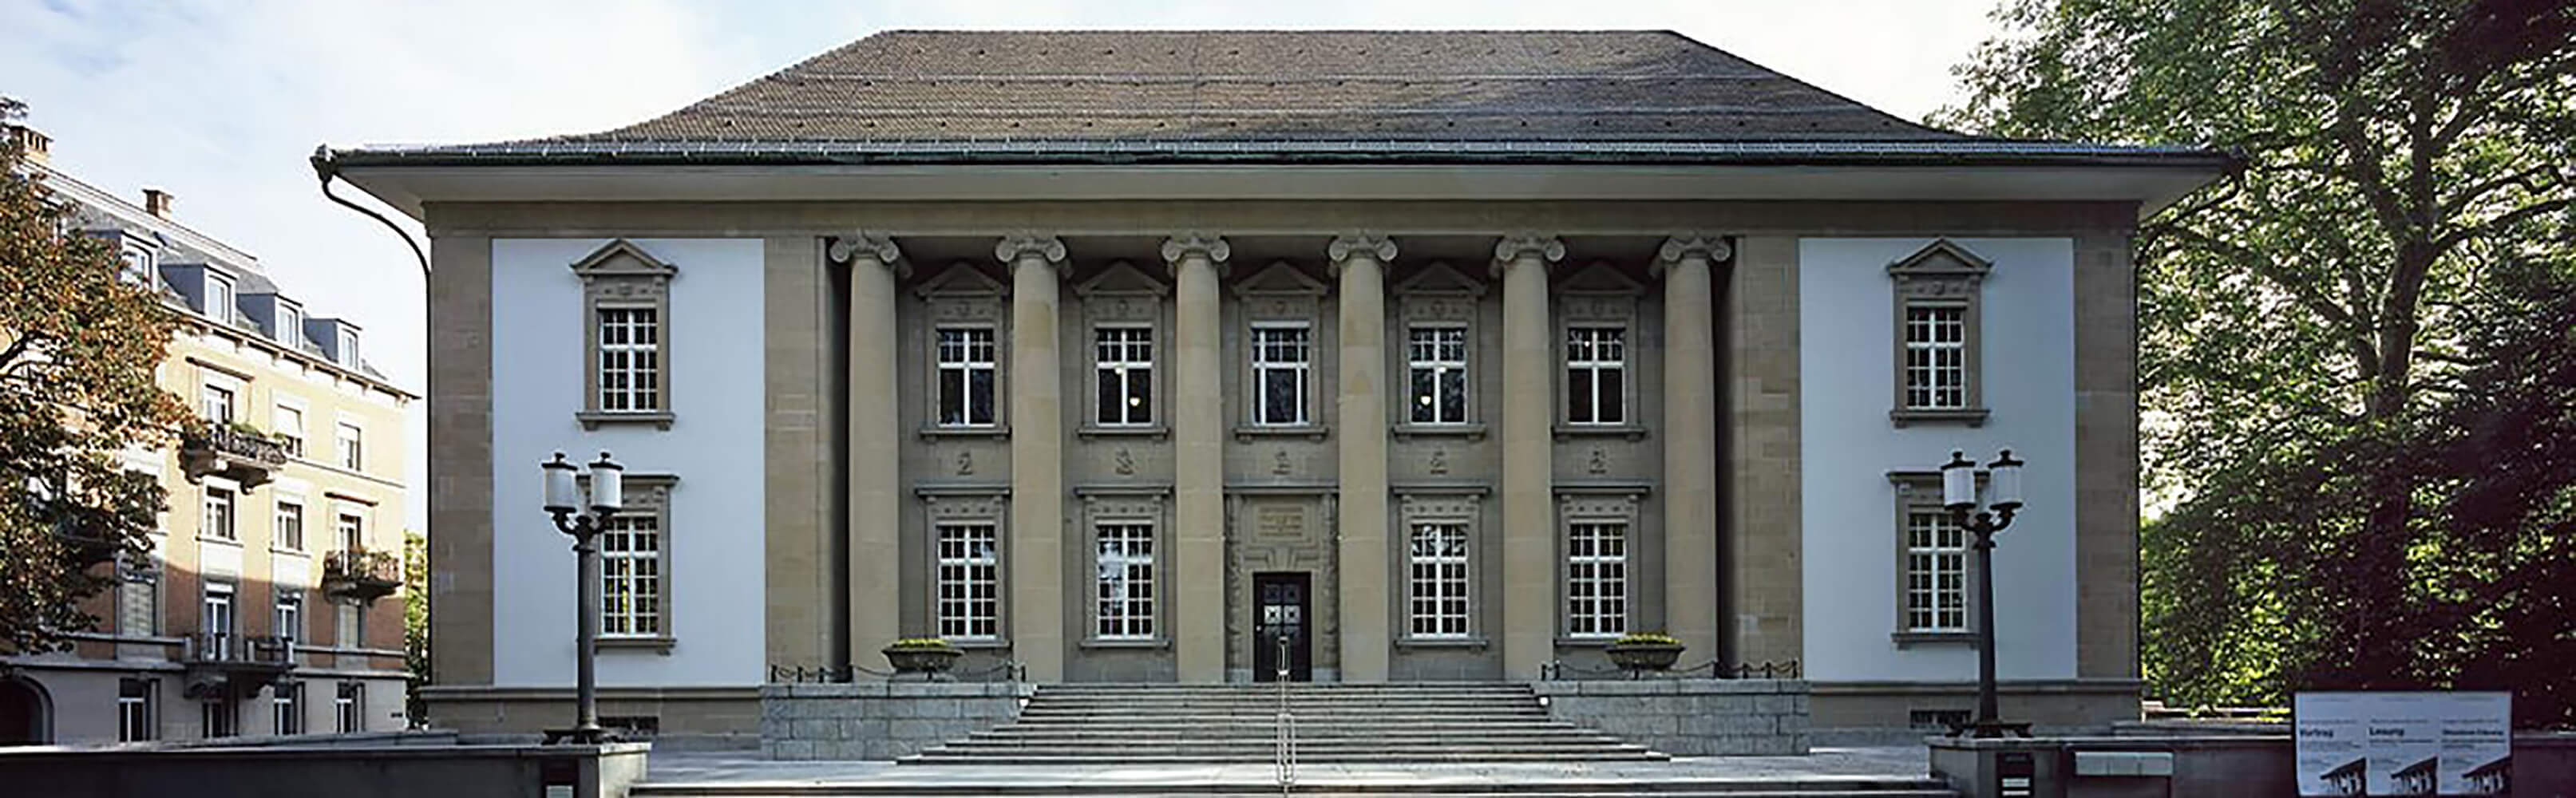 Historisches und Völkerkunde Museum St.Gallen 1